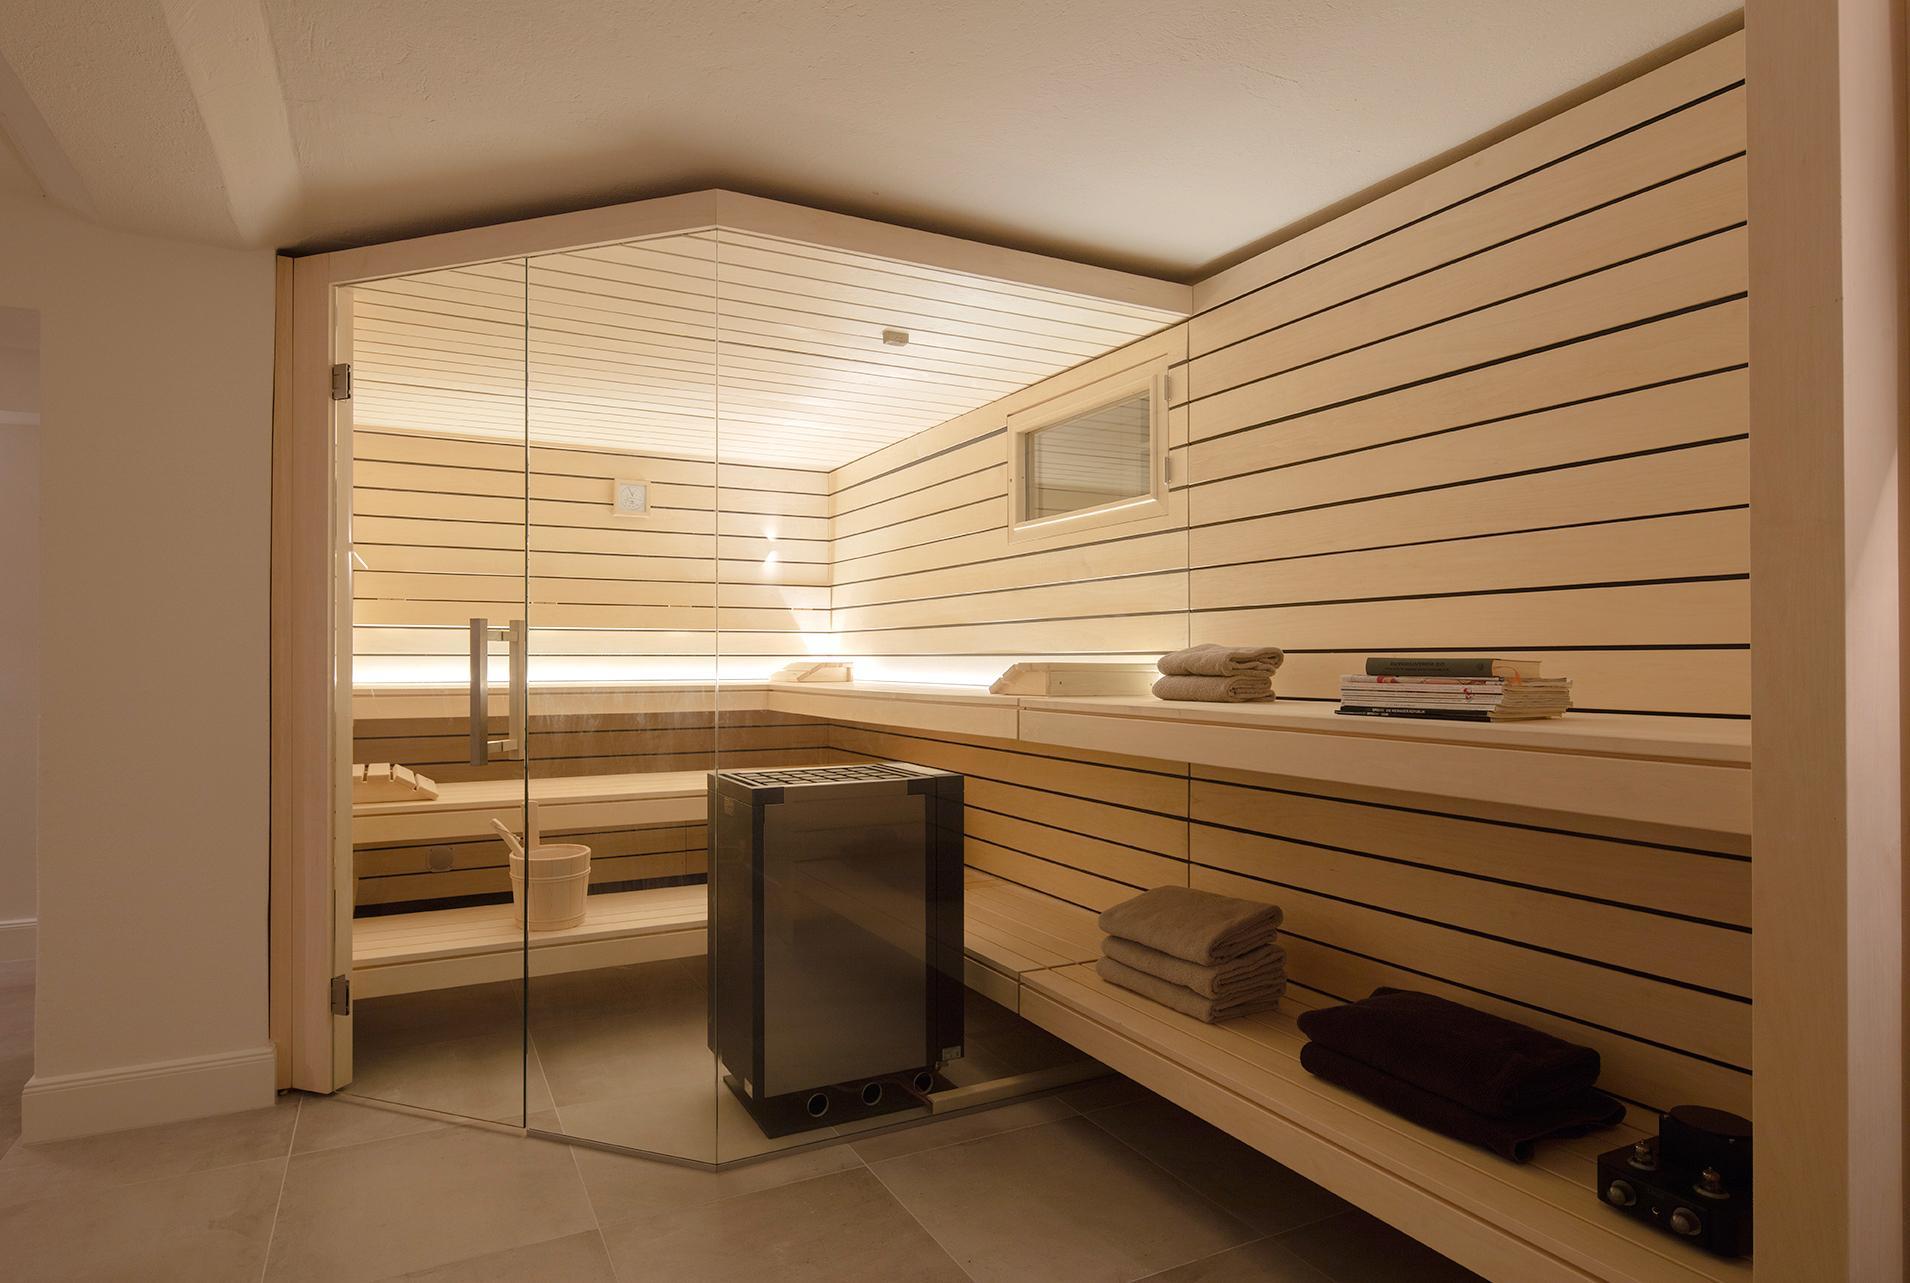 Moderne Sauna moderne corso design-sauna mit herausgezogenen bänke